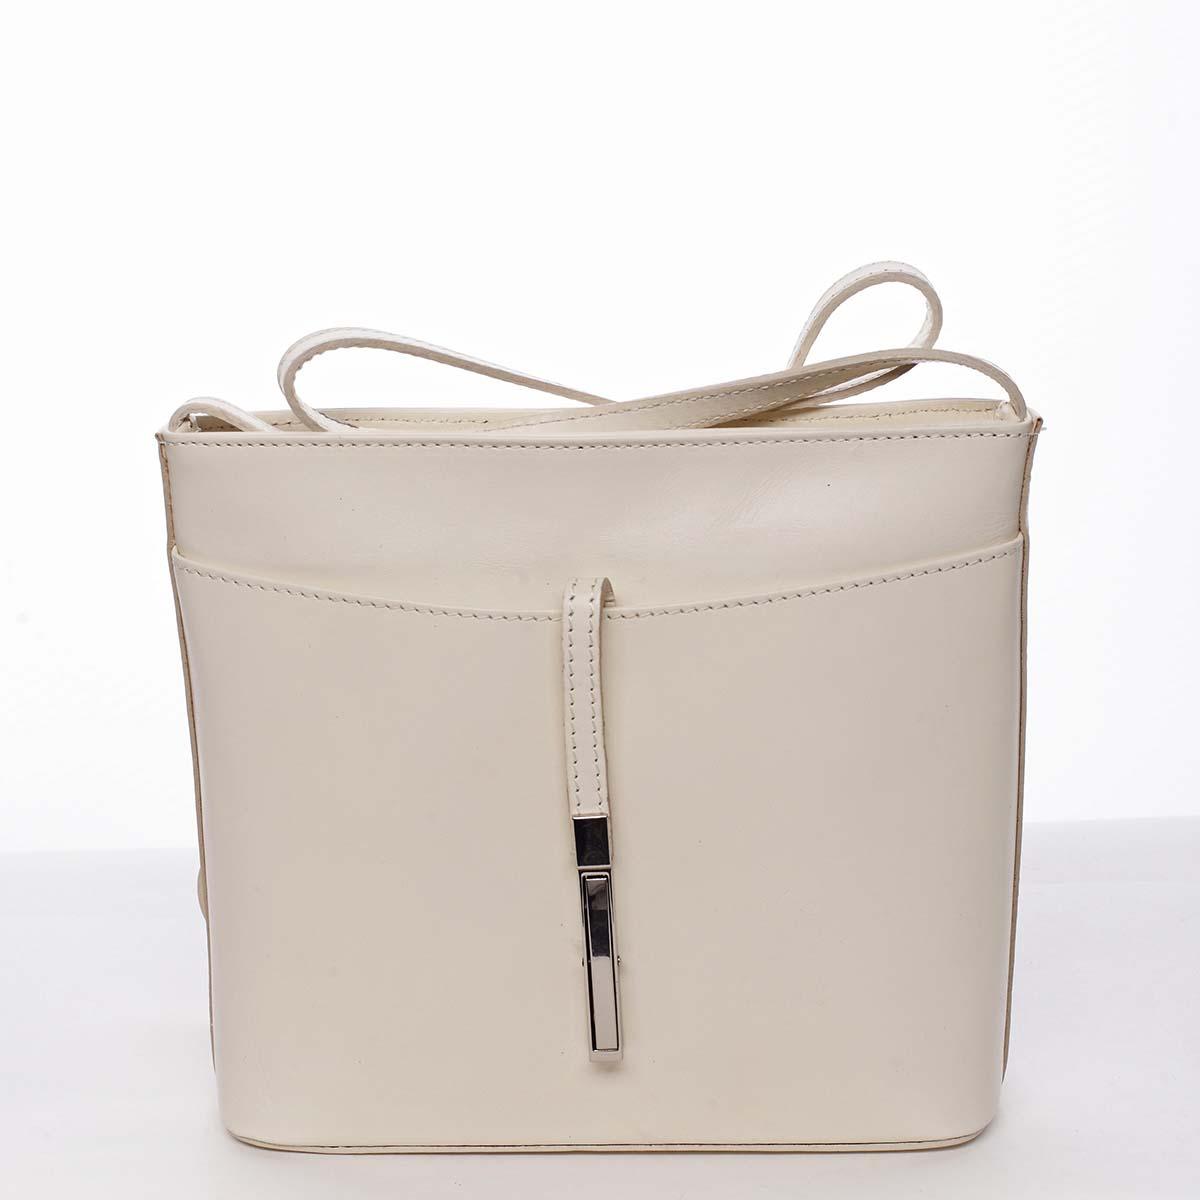 Dámska kožená crossbody kabelka béžová - ItalY Aneta